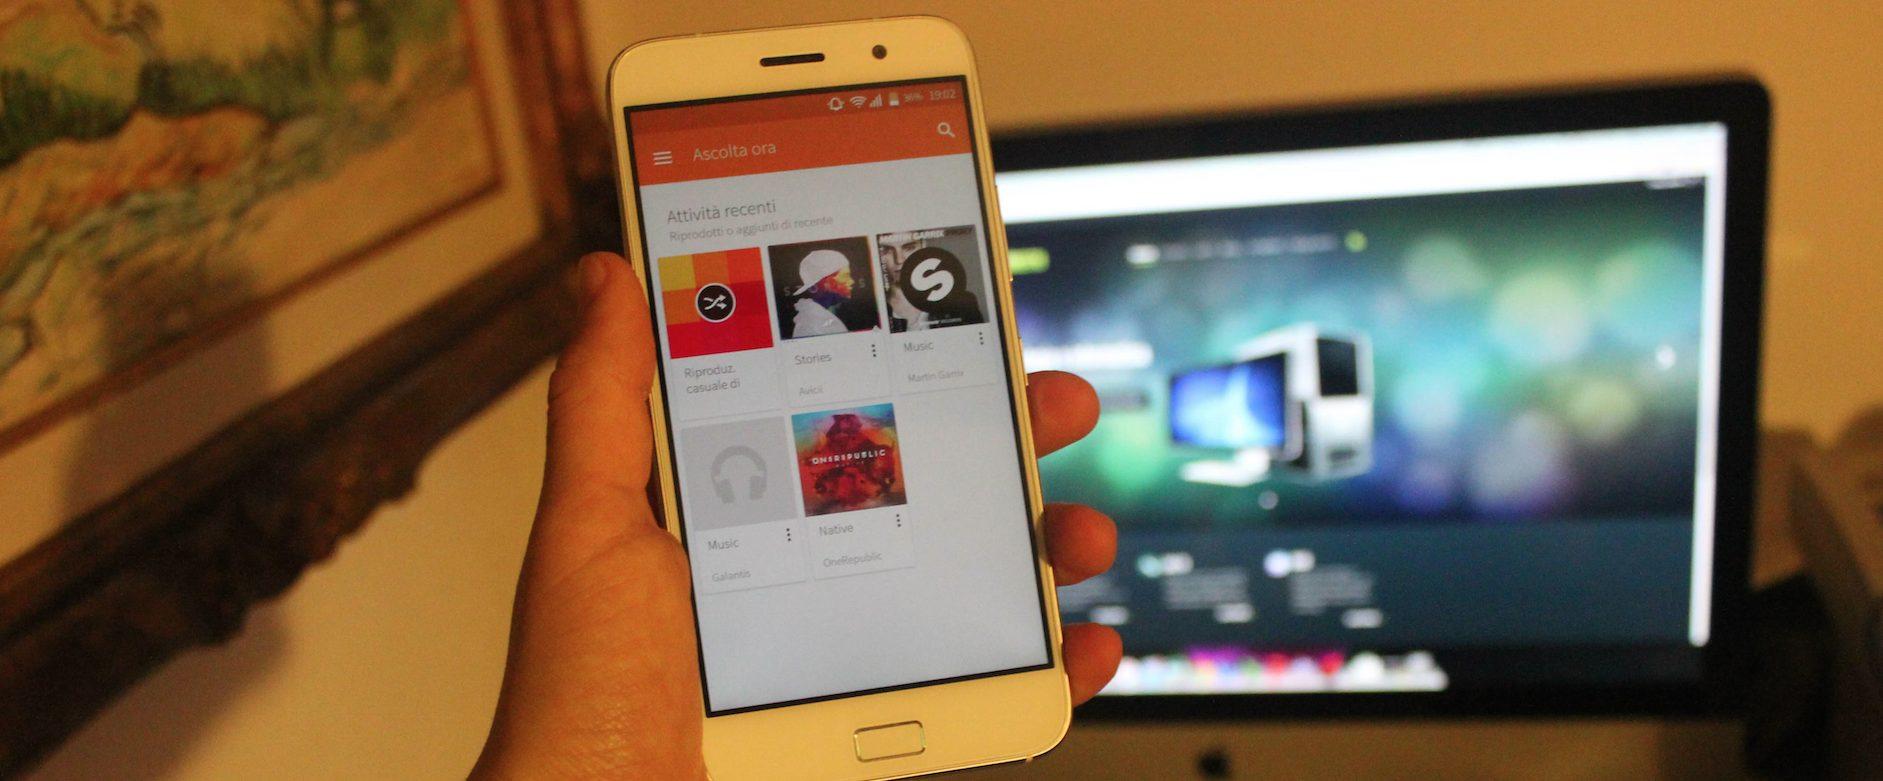 Copiare canzoni su cellulare Android